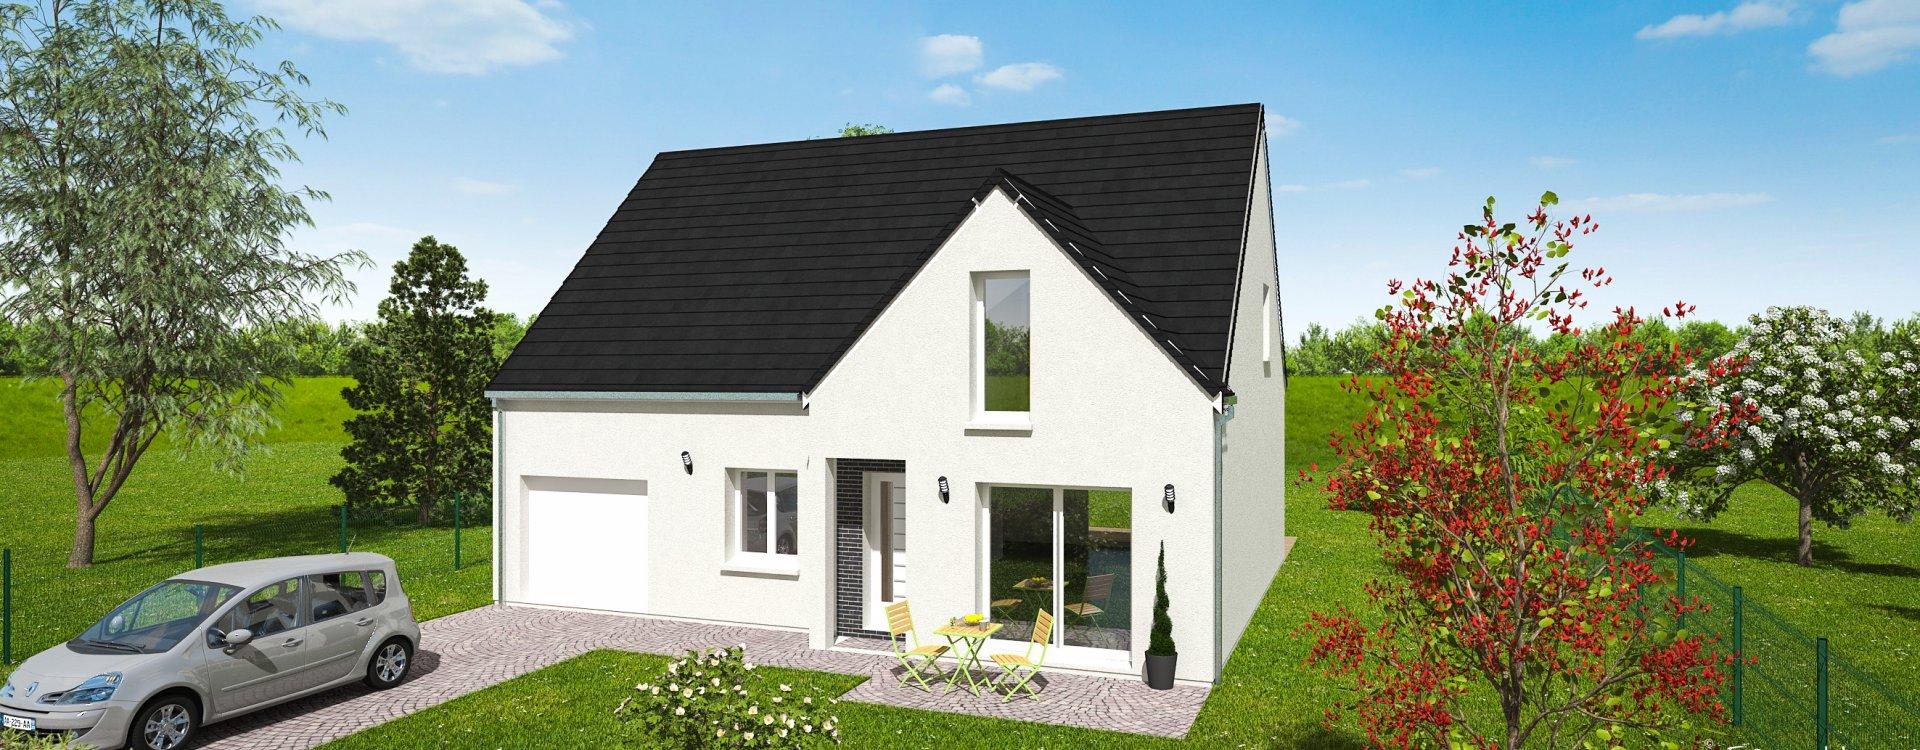 Maisons + Terrains du constructeur EASY HOUSE FRANCE • 125 m² • HUISSEAU SUR MAUVES